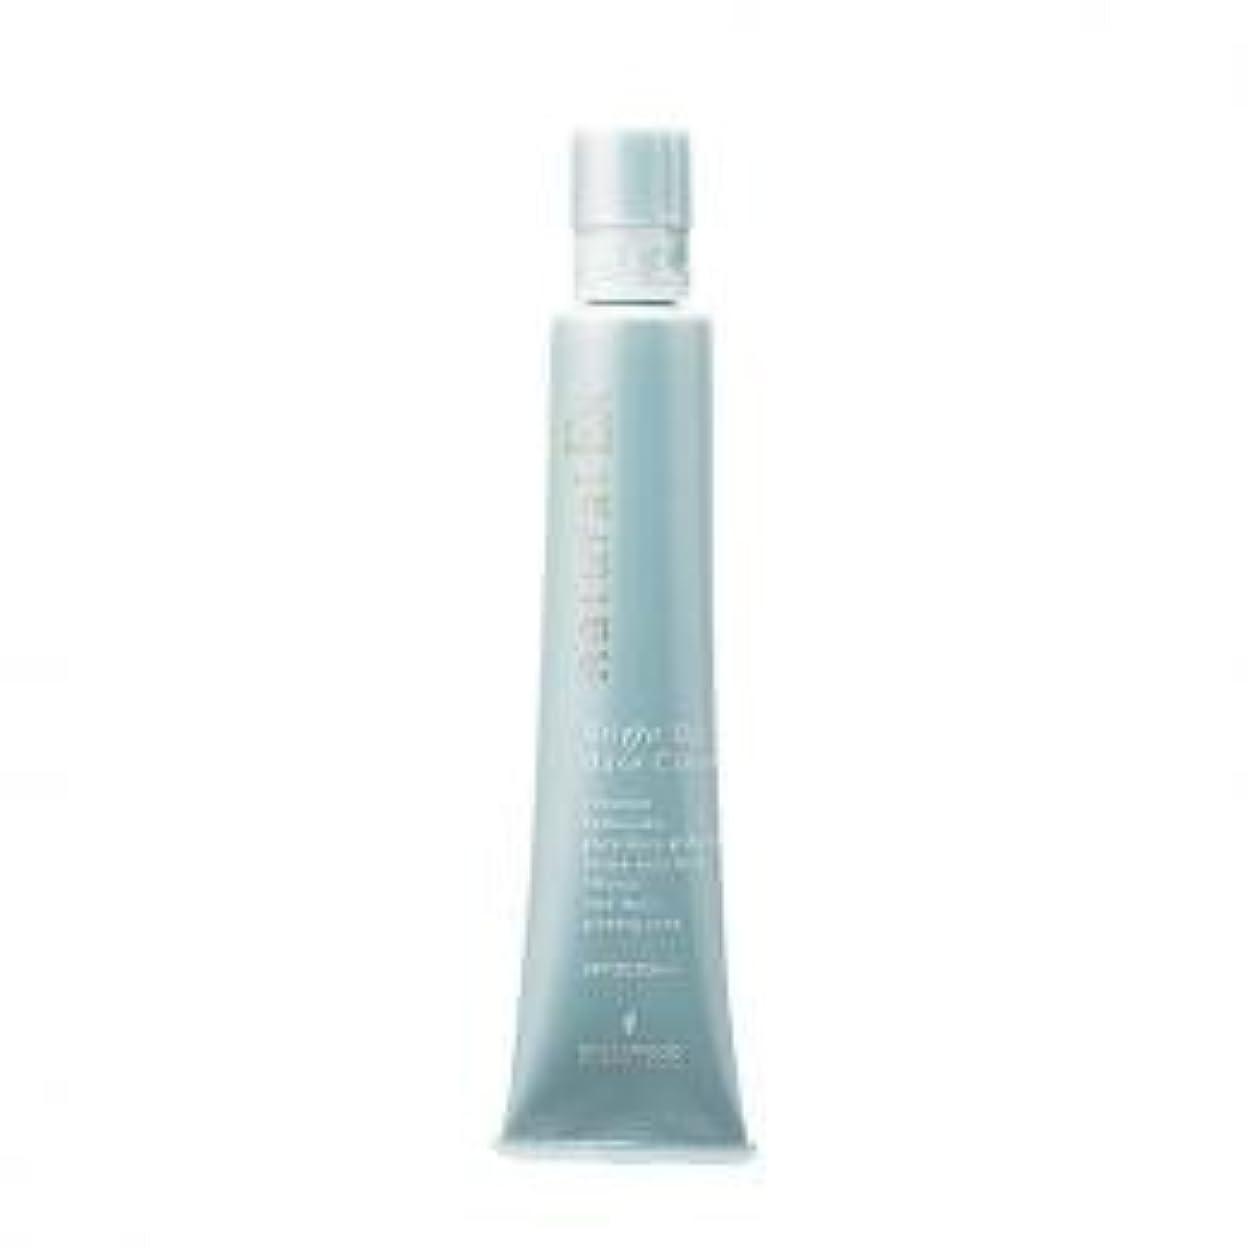 ランチ一致専らハリウッド化粧品 ナチュラルEX ブライトアップ ベースクリーム h 35g SPF30 PA++